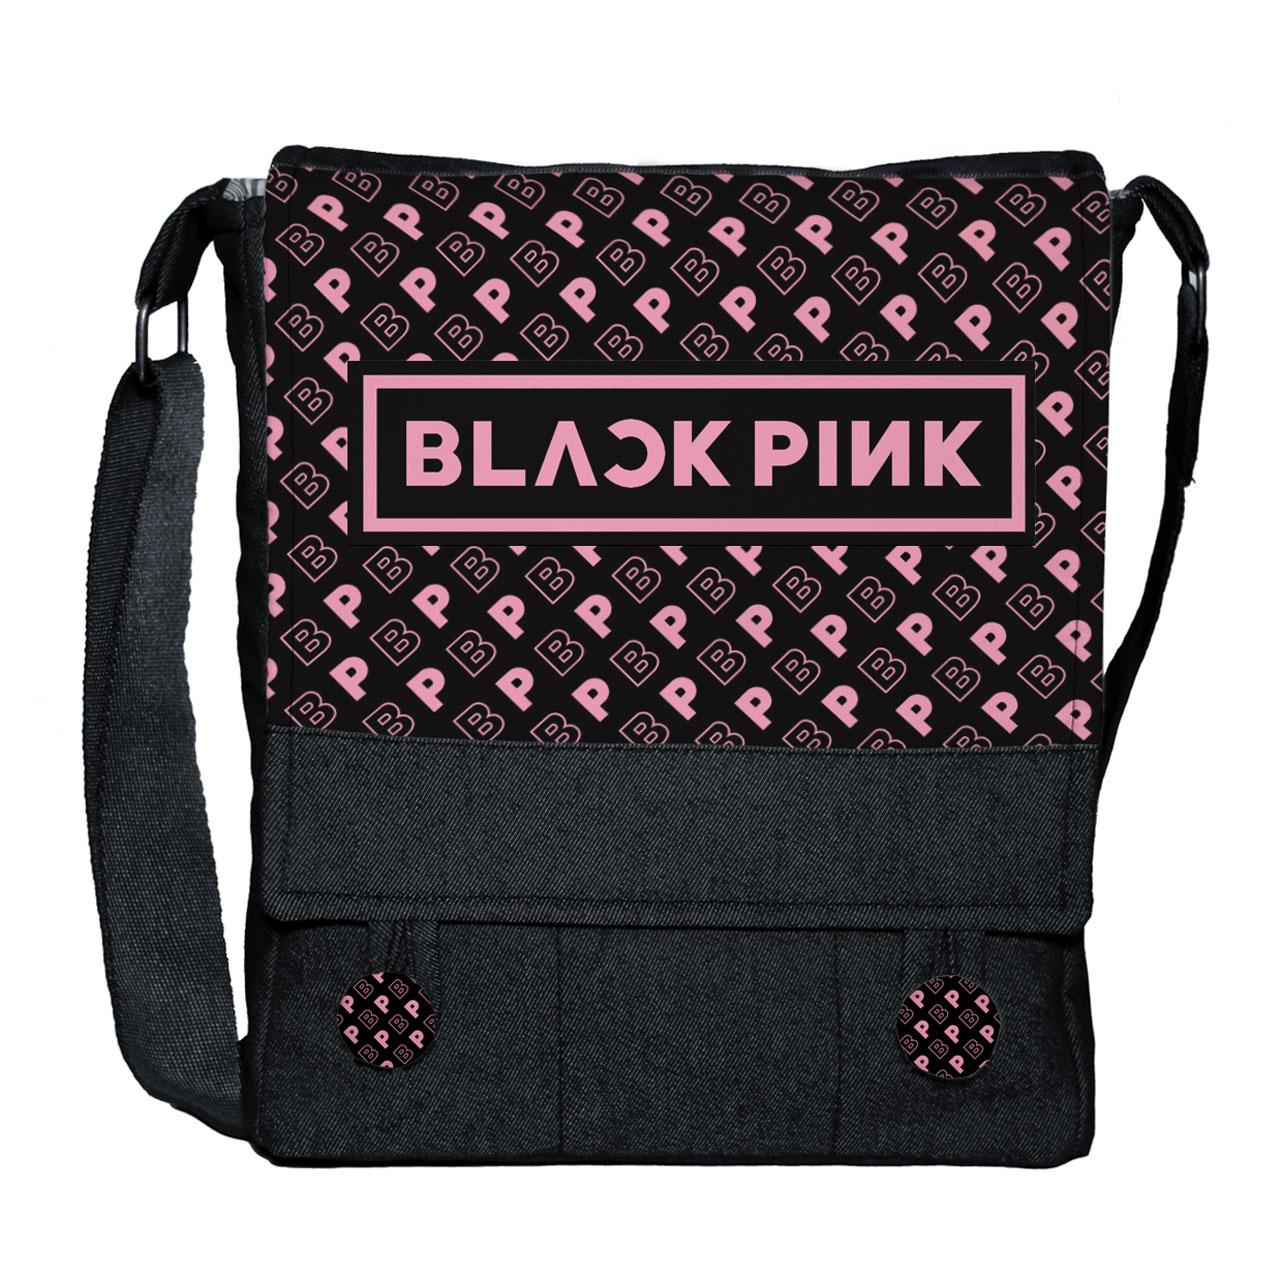 عکس کیف دوشی زنانه گالری چی چاپ طرح black pink کد 65874